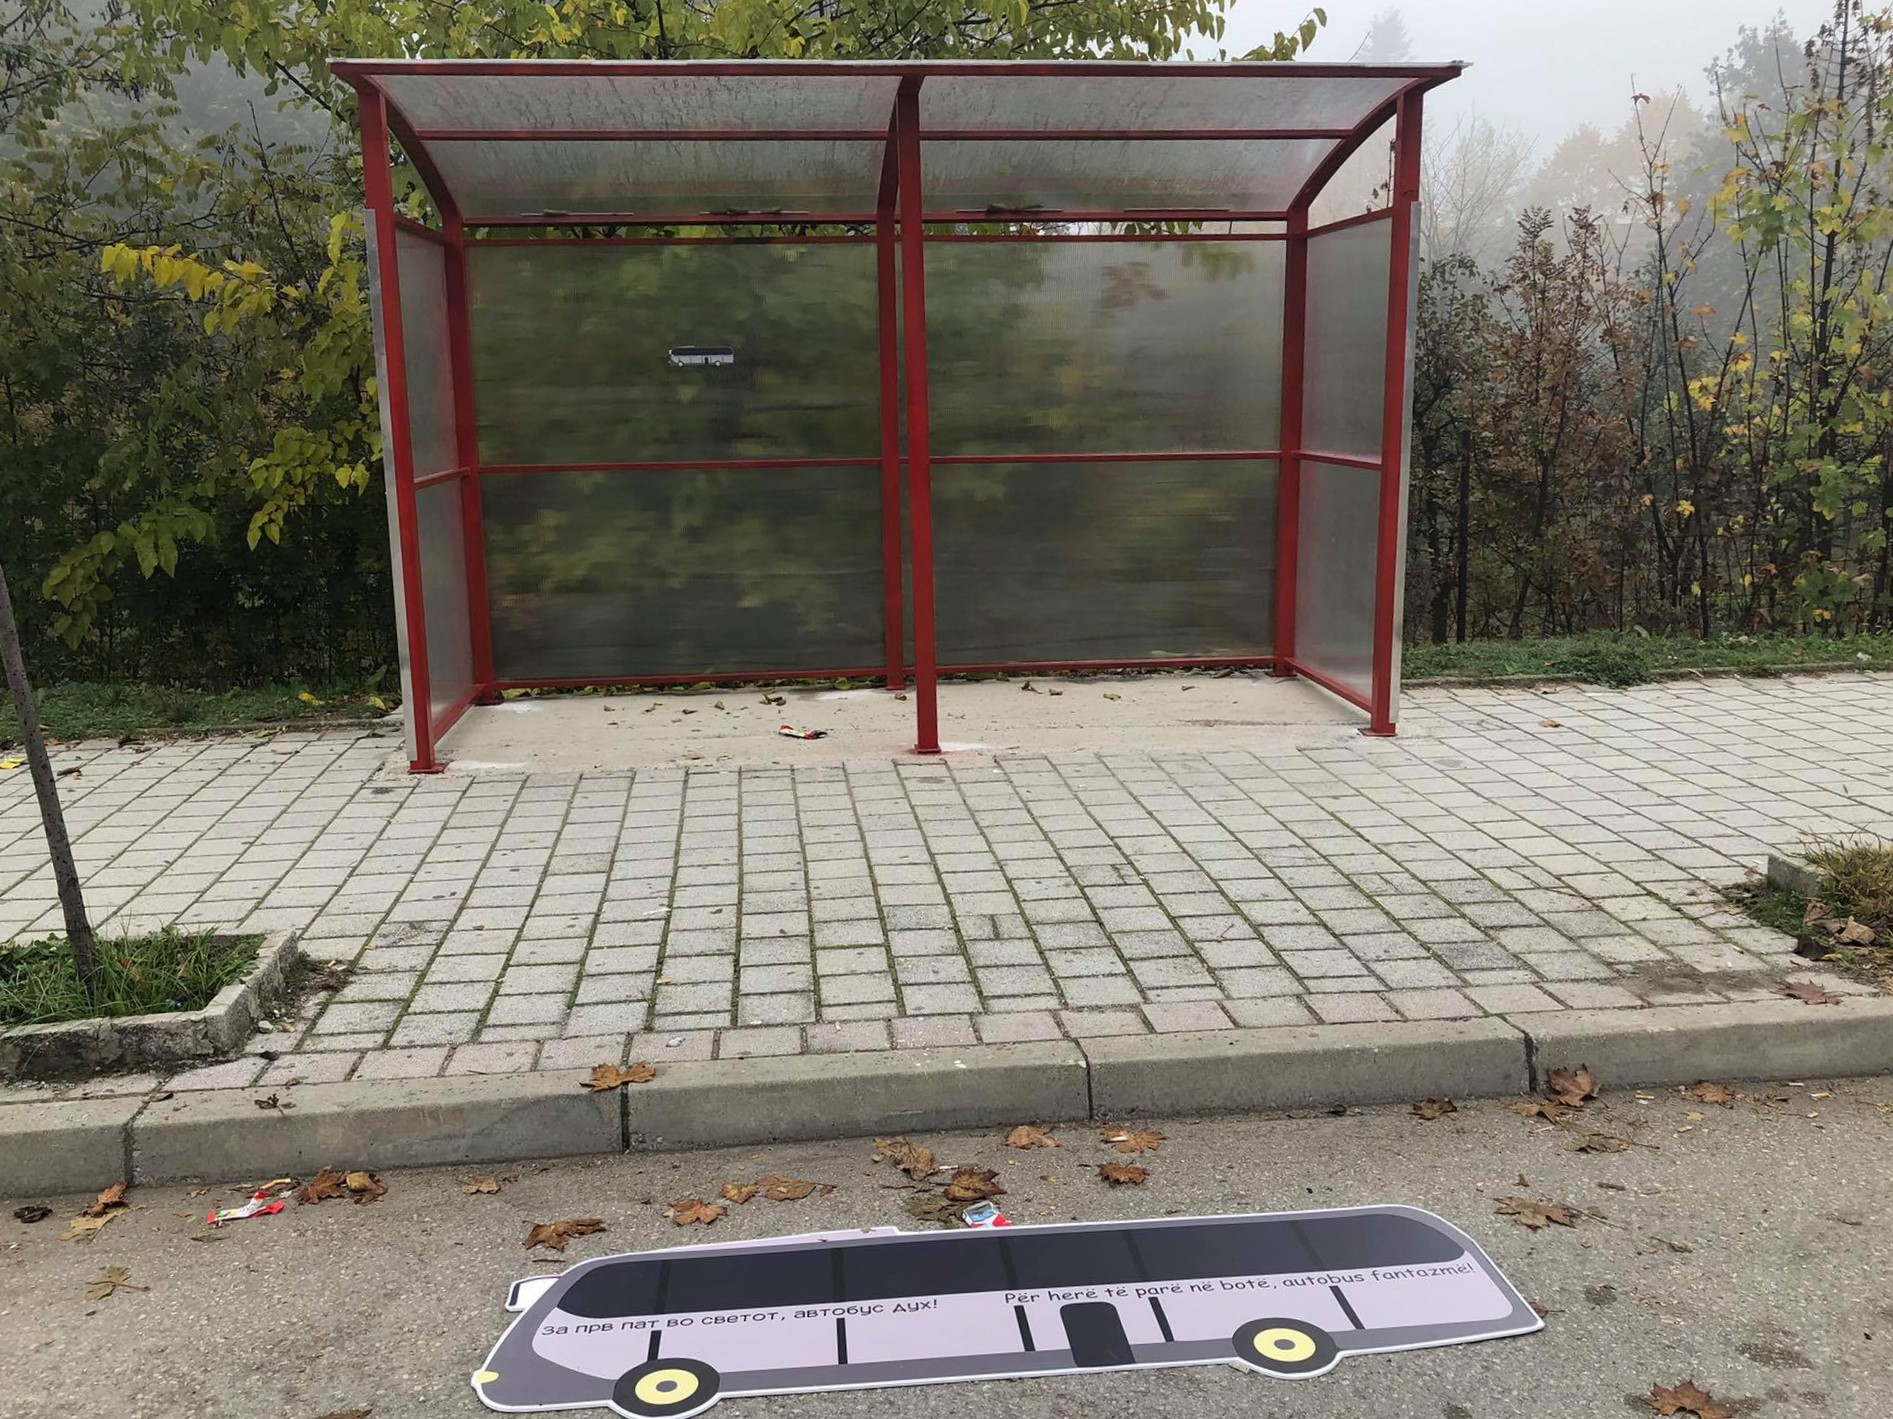 """Aktivitet i aktivistëve rinor – Tetovë: """"Për herë të parë në botë, autobus fantazmë!"""""""